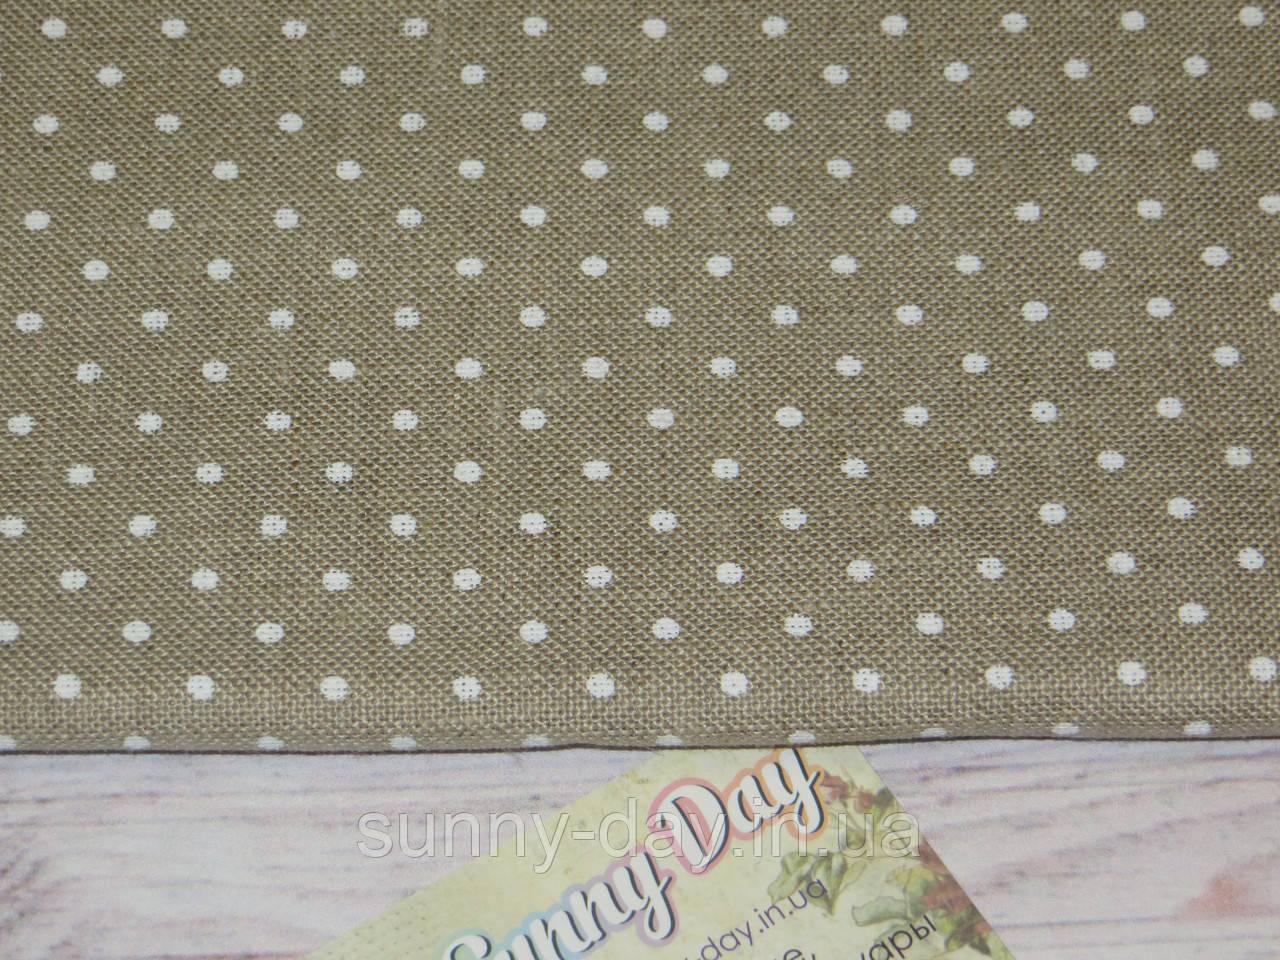 3609/5379 Belfast, цвет -  Raw linen/white dots (цвет сырого льна в белый горошек), 32 ct.